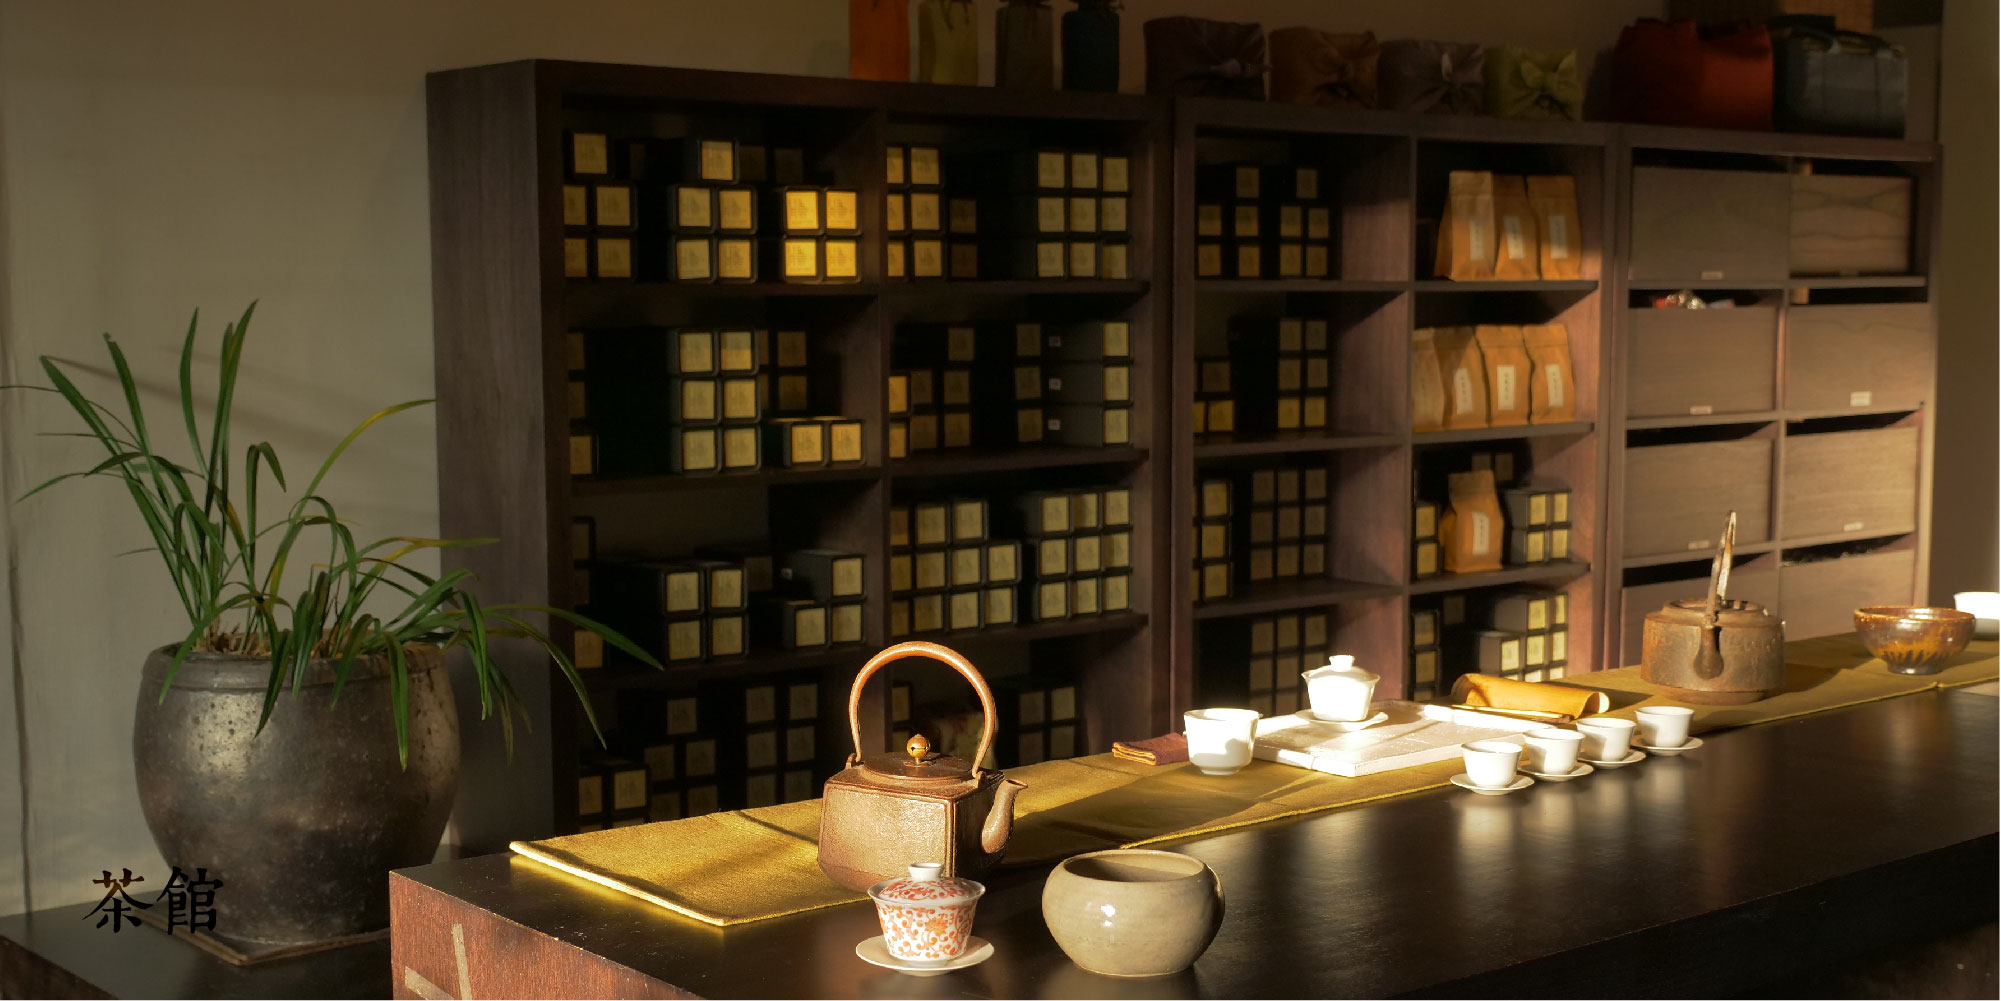 福藏 茶館